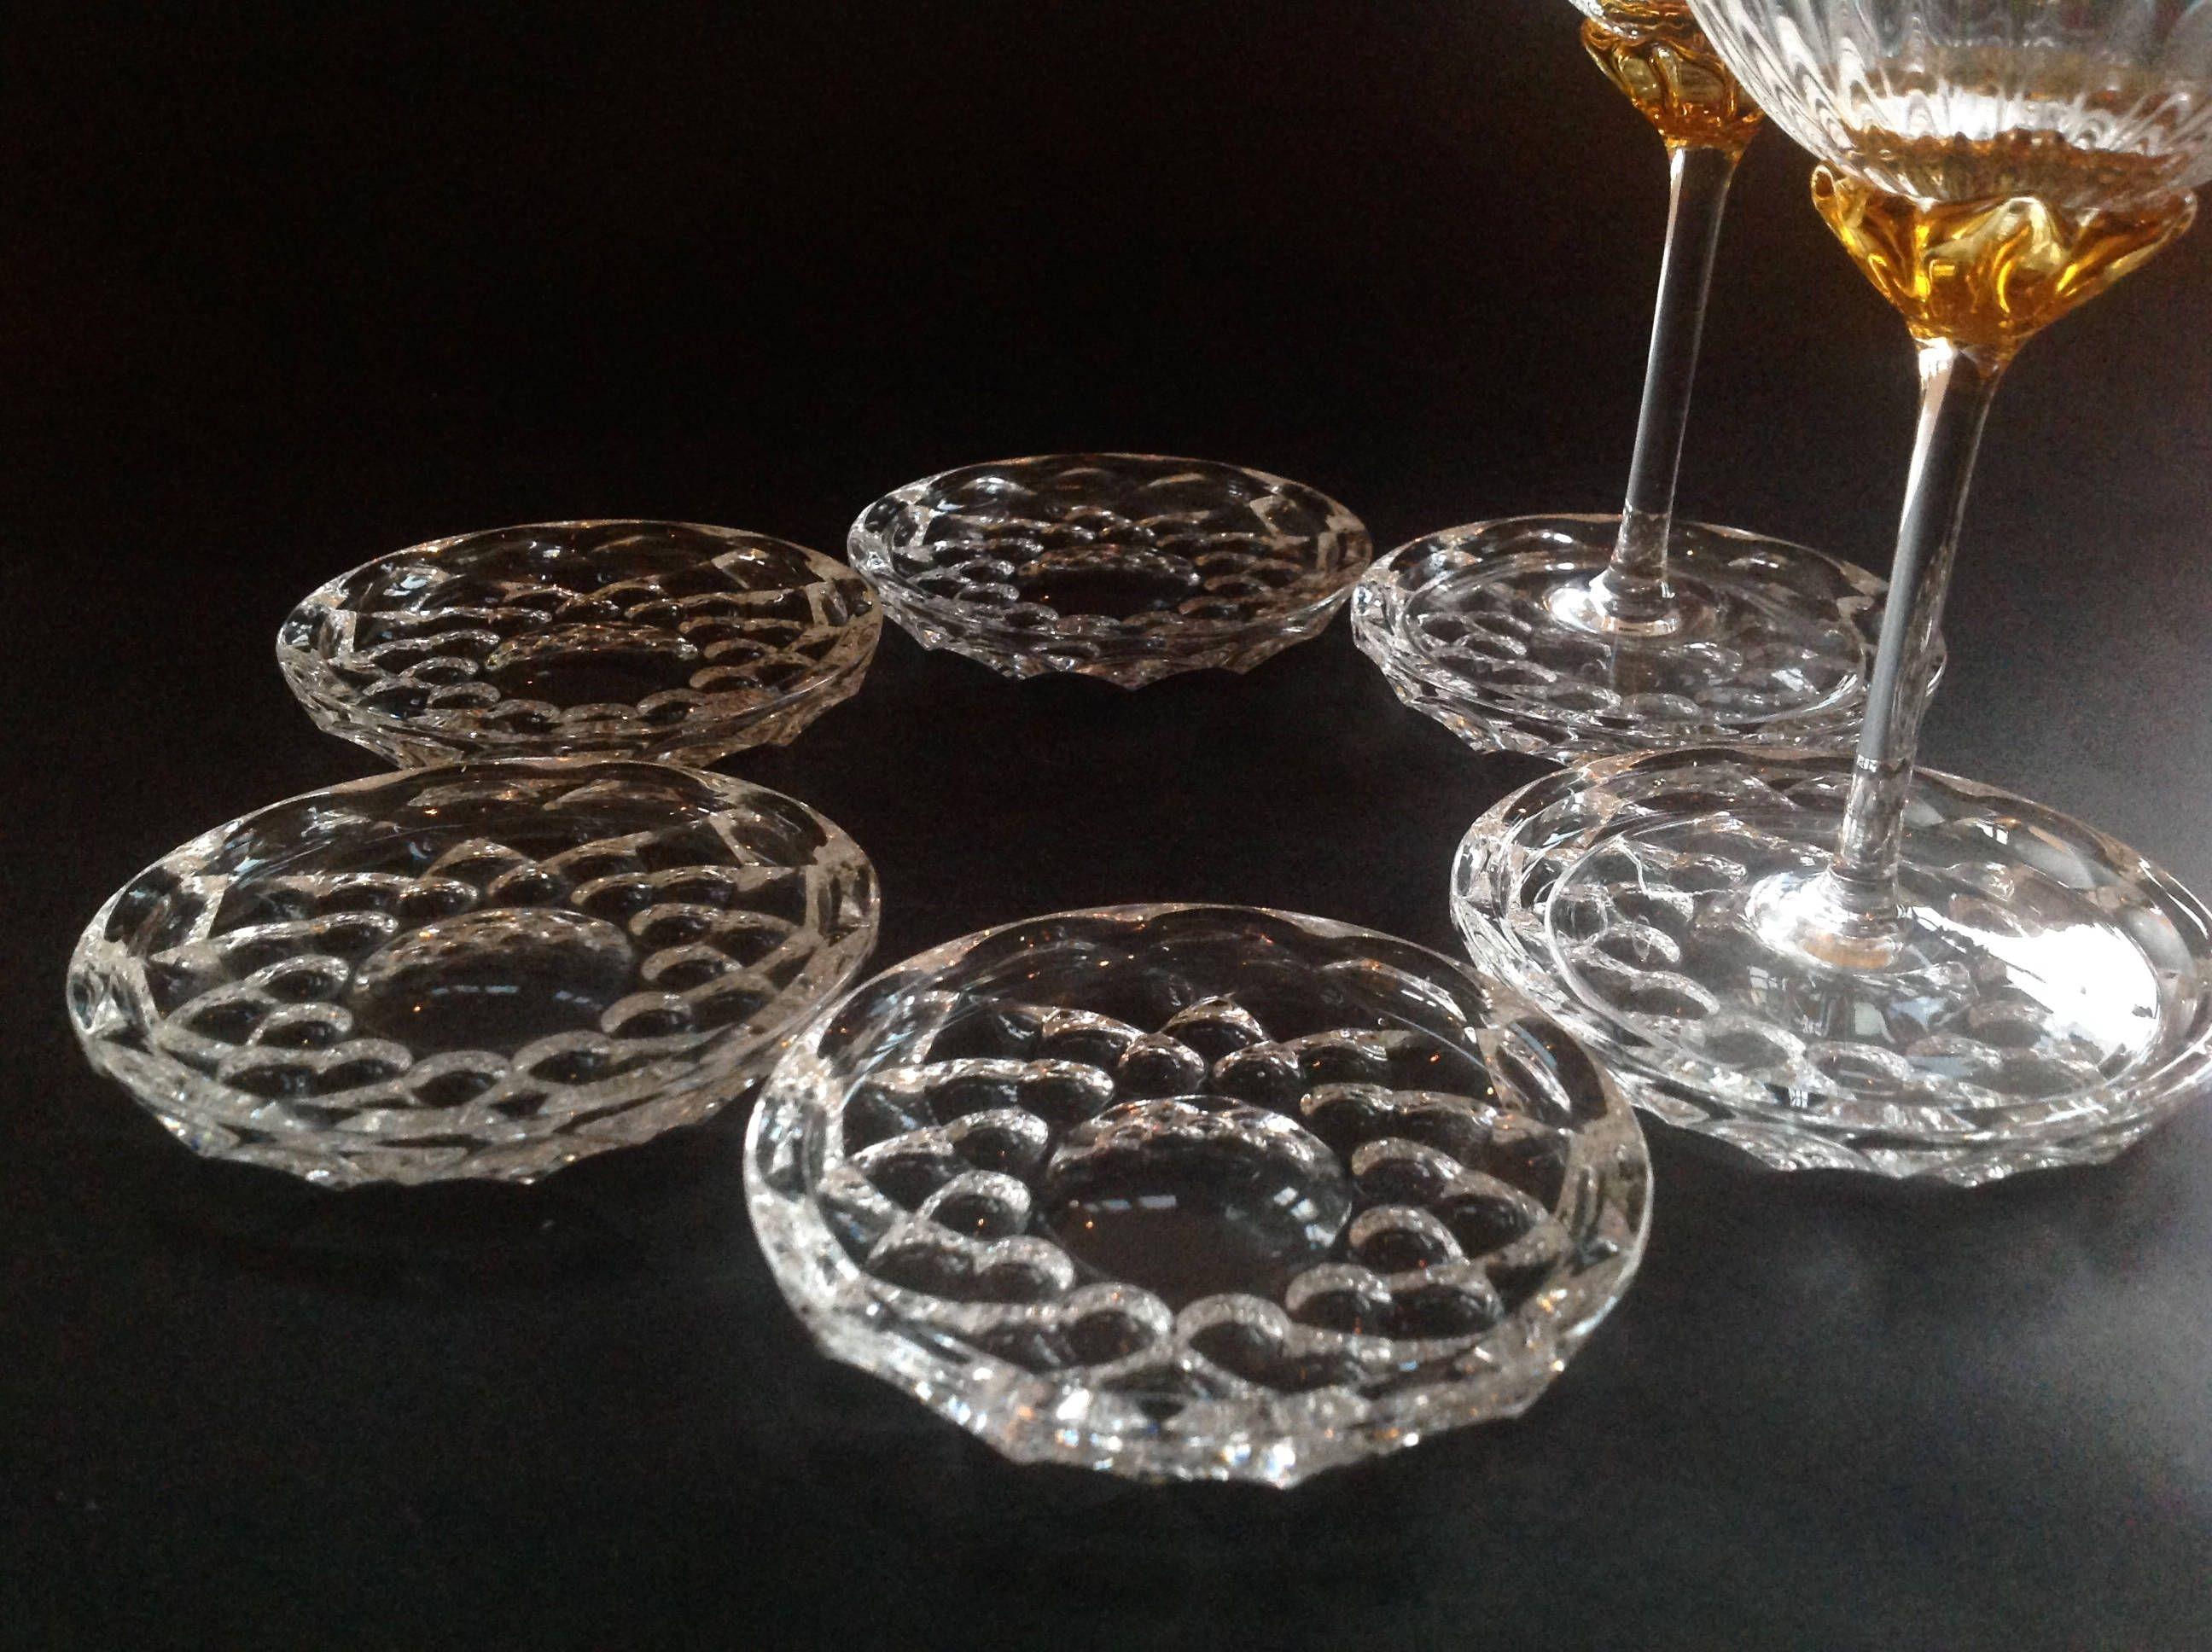 Vintage Small Plates Coasters Vintage Glass Coasters Wine